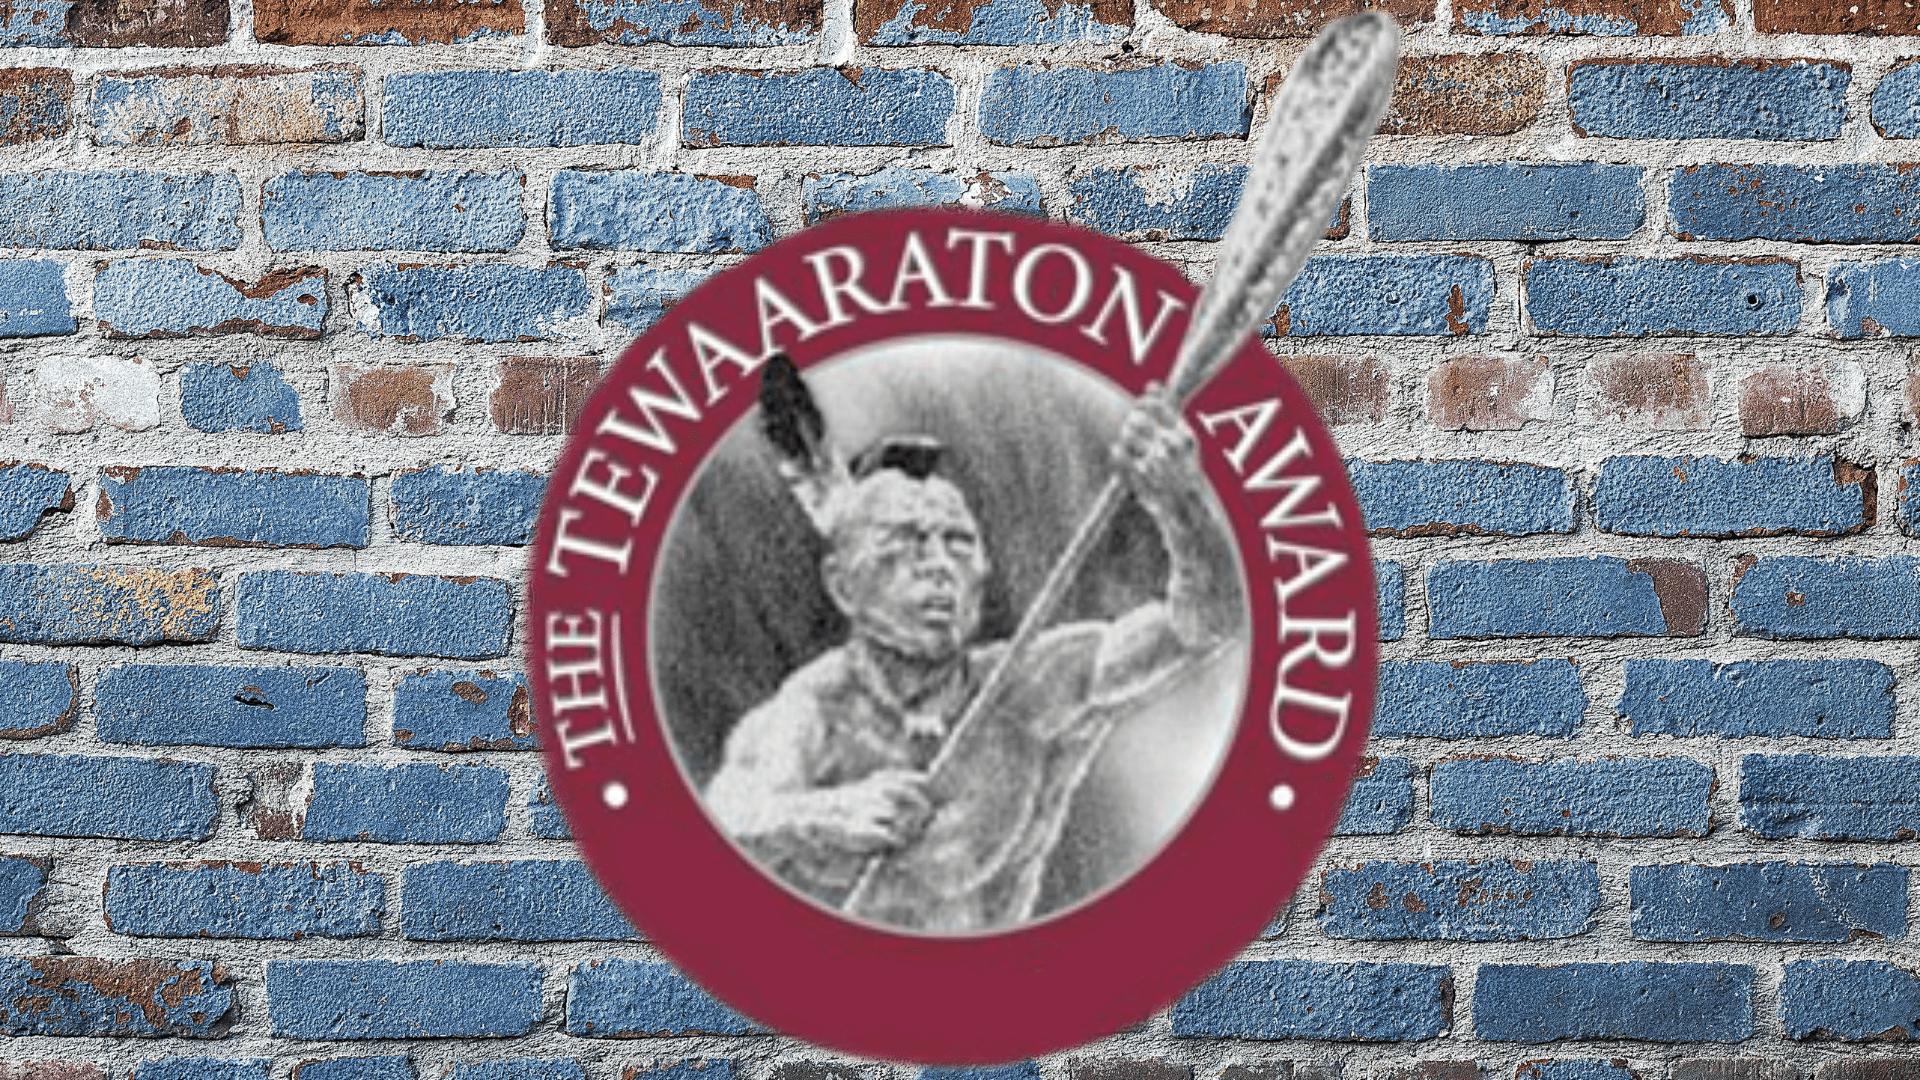 2020 tewaaraton award